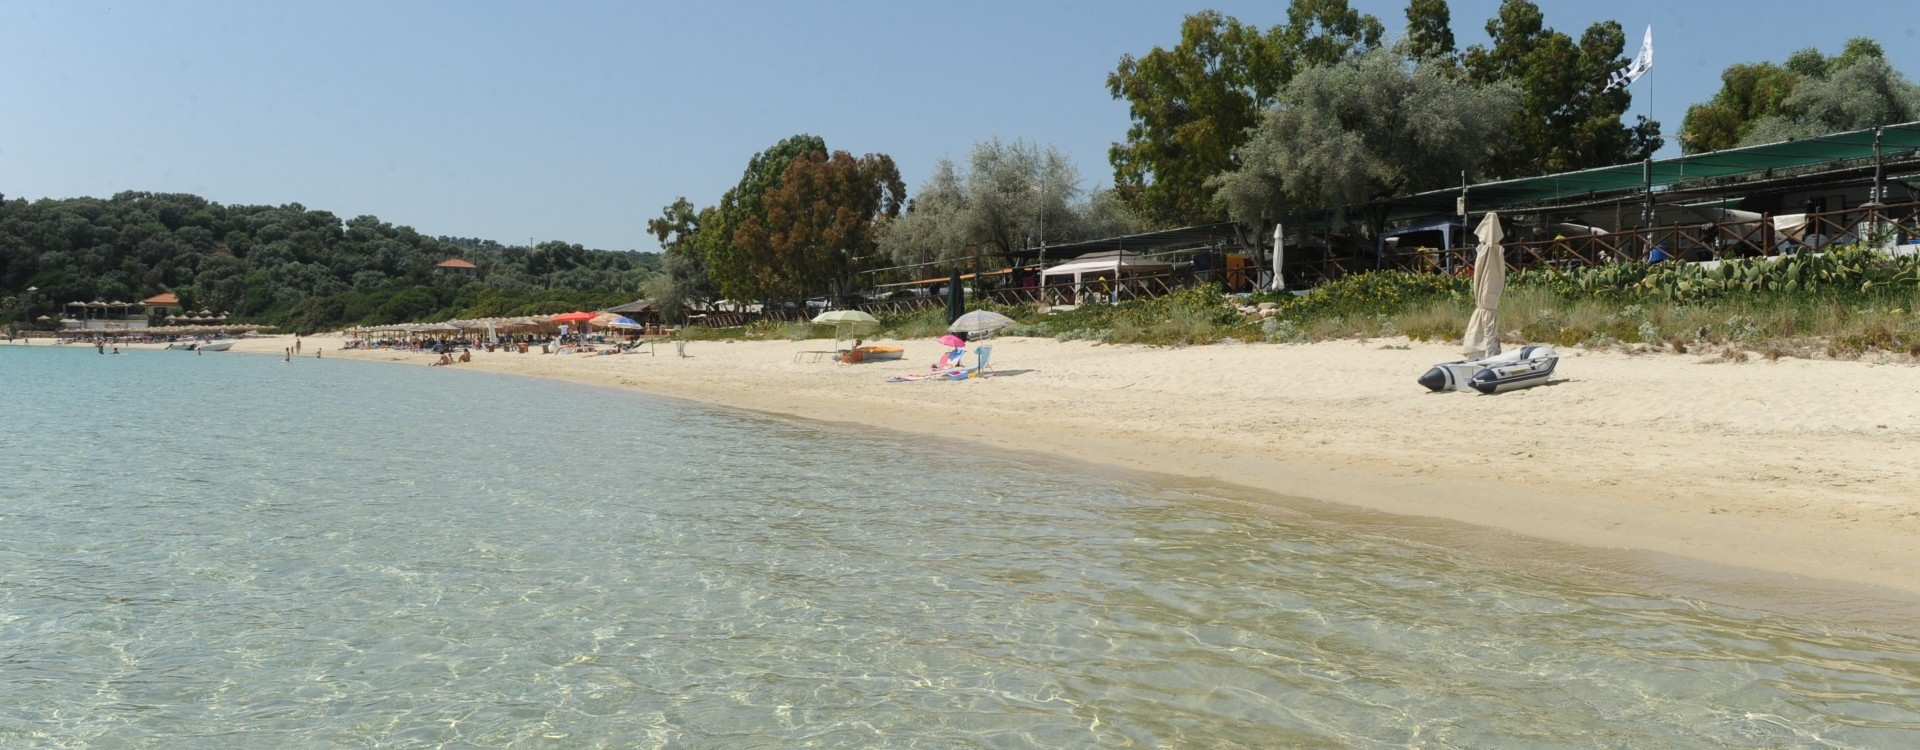 Ammouliani Beach